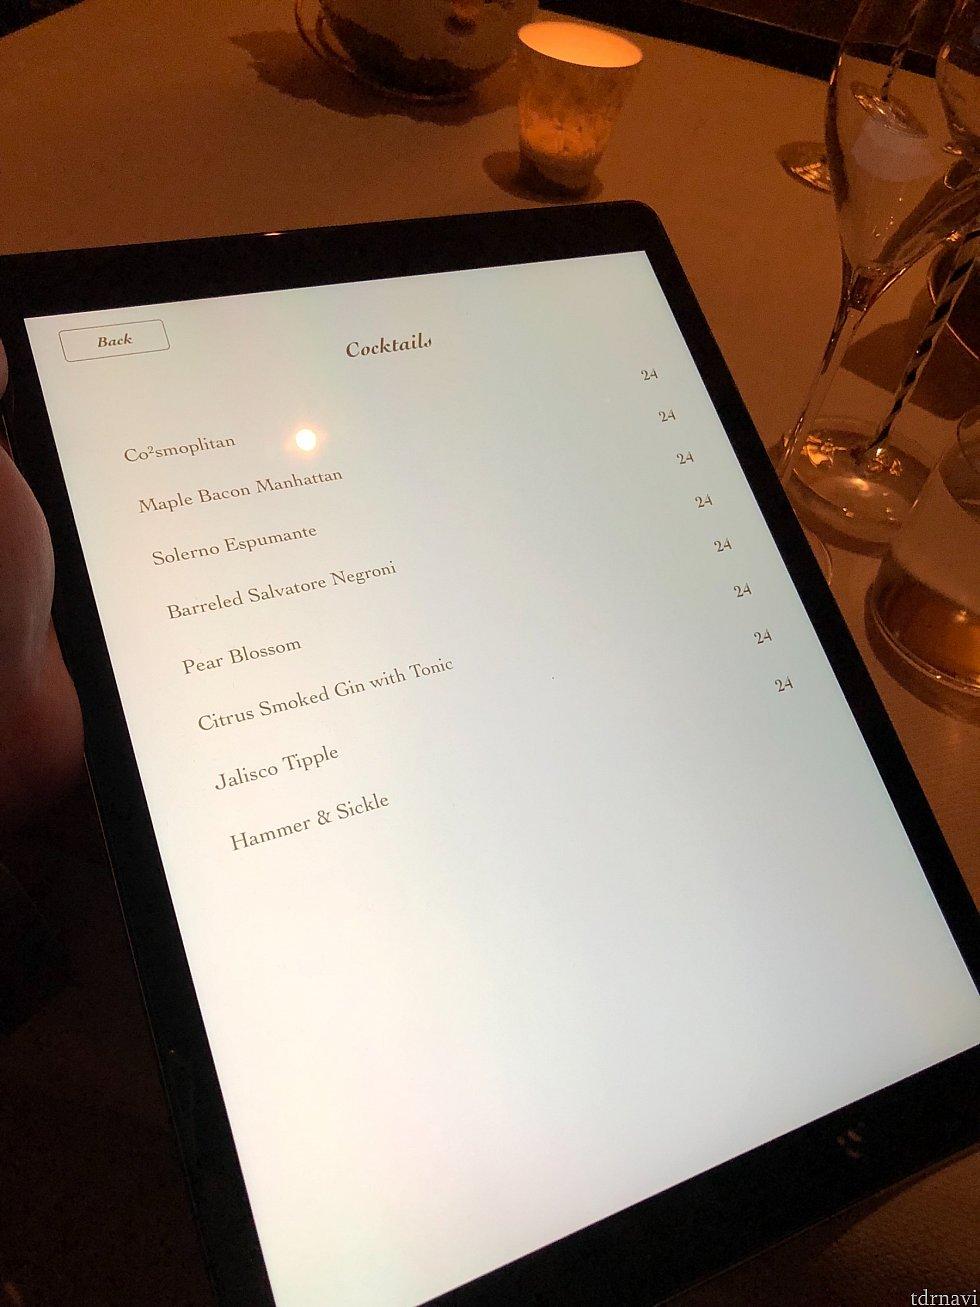 先ずはアルコール類の注文。やっぱり普通のレストランの倍額です。iPadをクリックするとドリンクの詳細を見ることが出来ます。また、ここの載っている以外のどんなカクテルでも作ってくれるそうです。その他ワインの種類も豊富だとか。